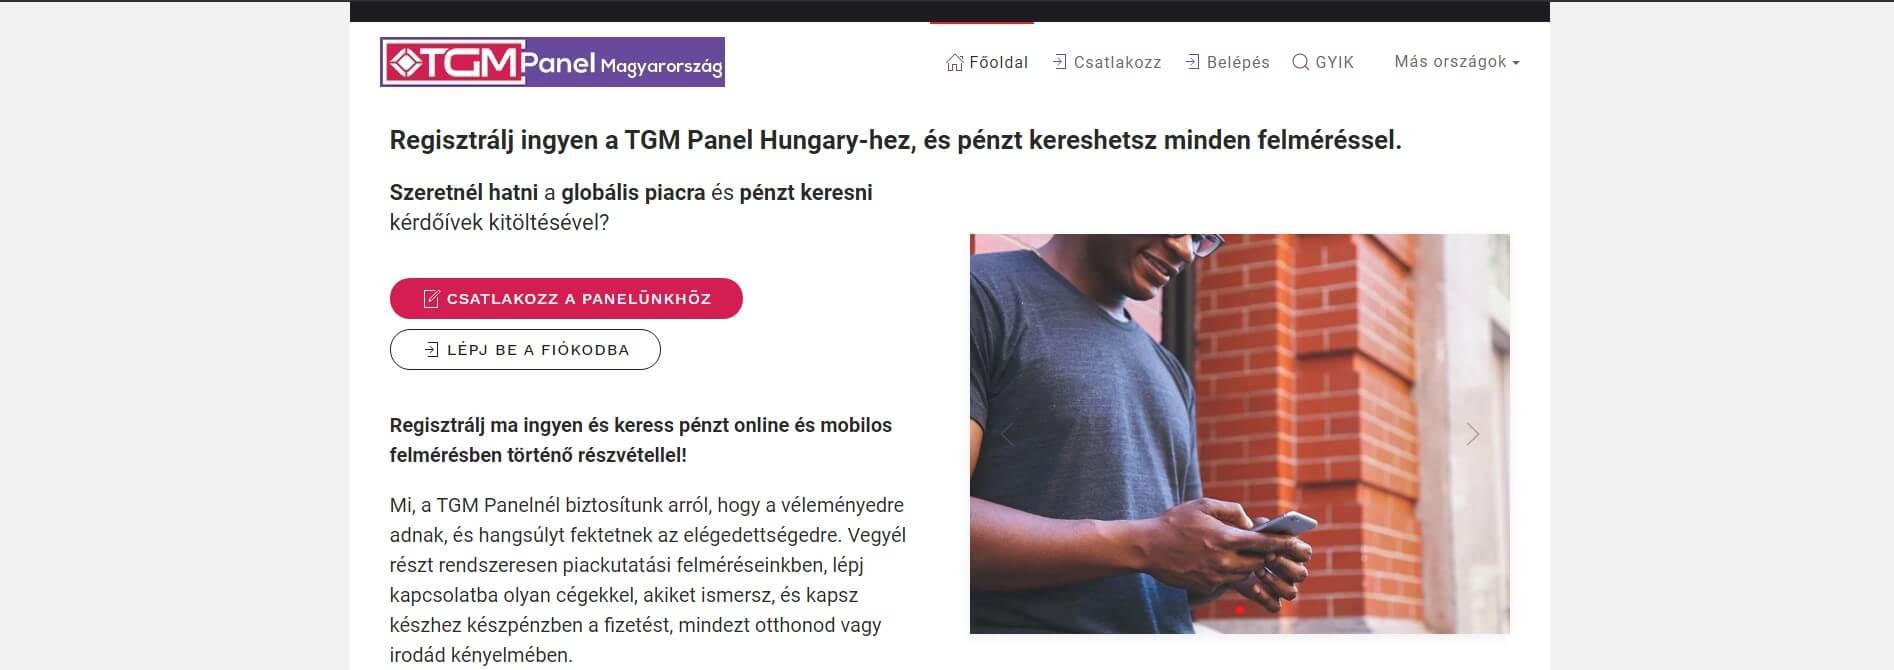 pénzt keresni online mobilon keresztül